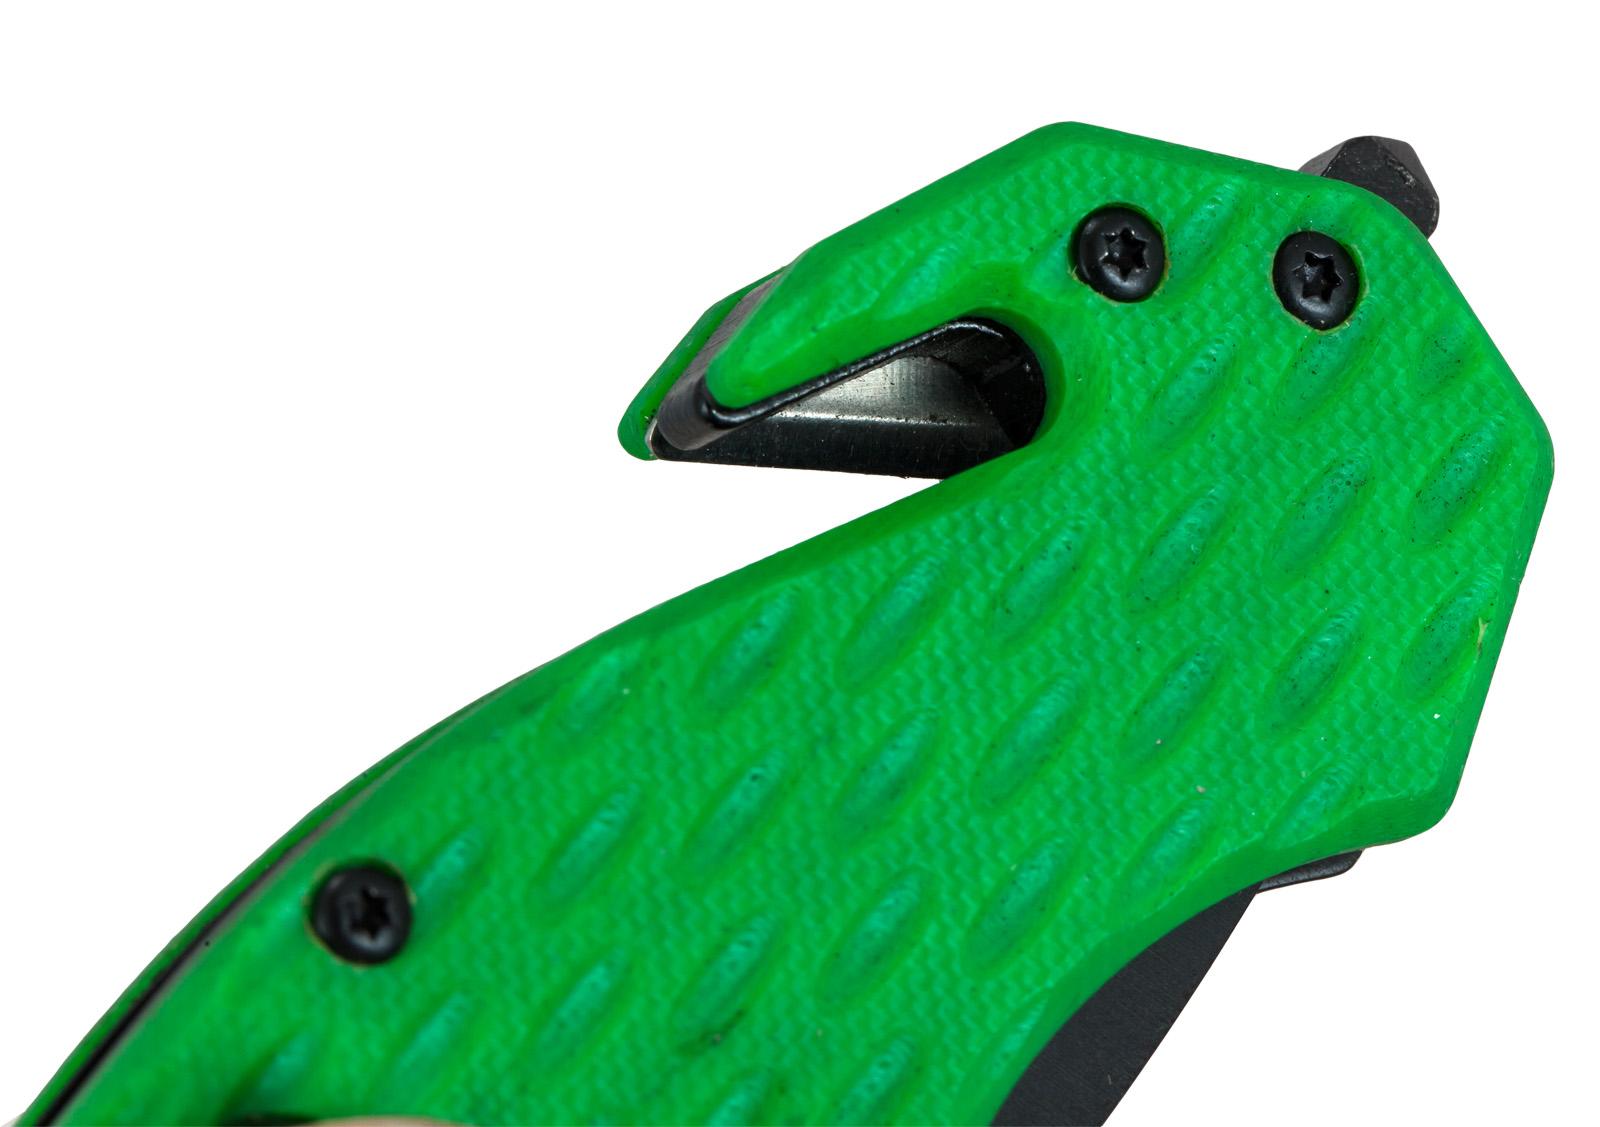 Тактический нож Mtech Extreme MX-A803GR - заказать с доставкой